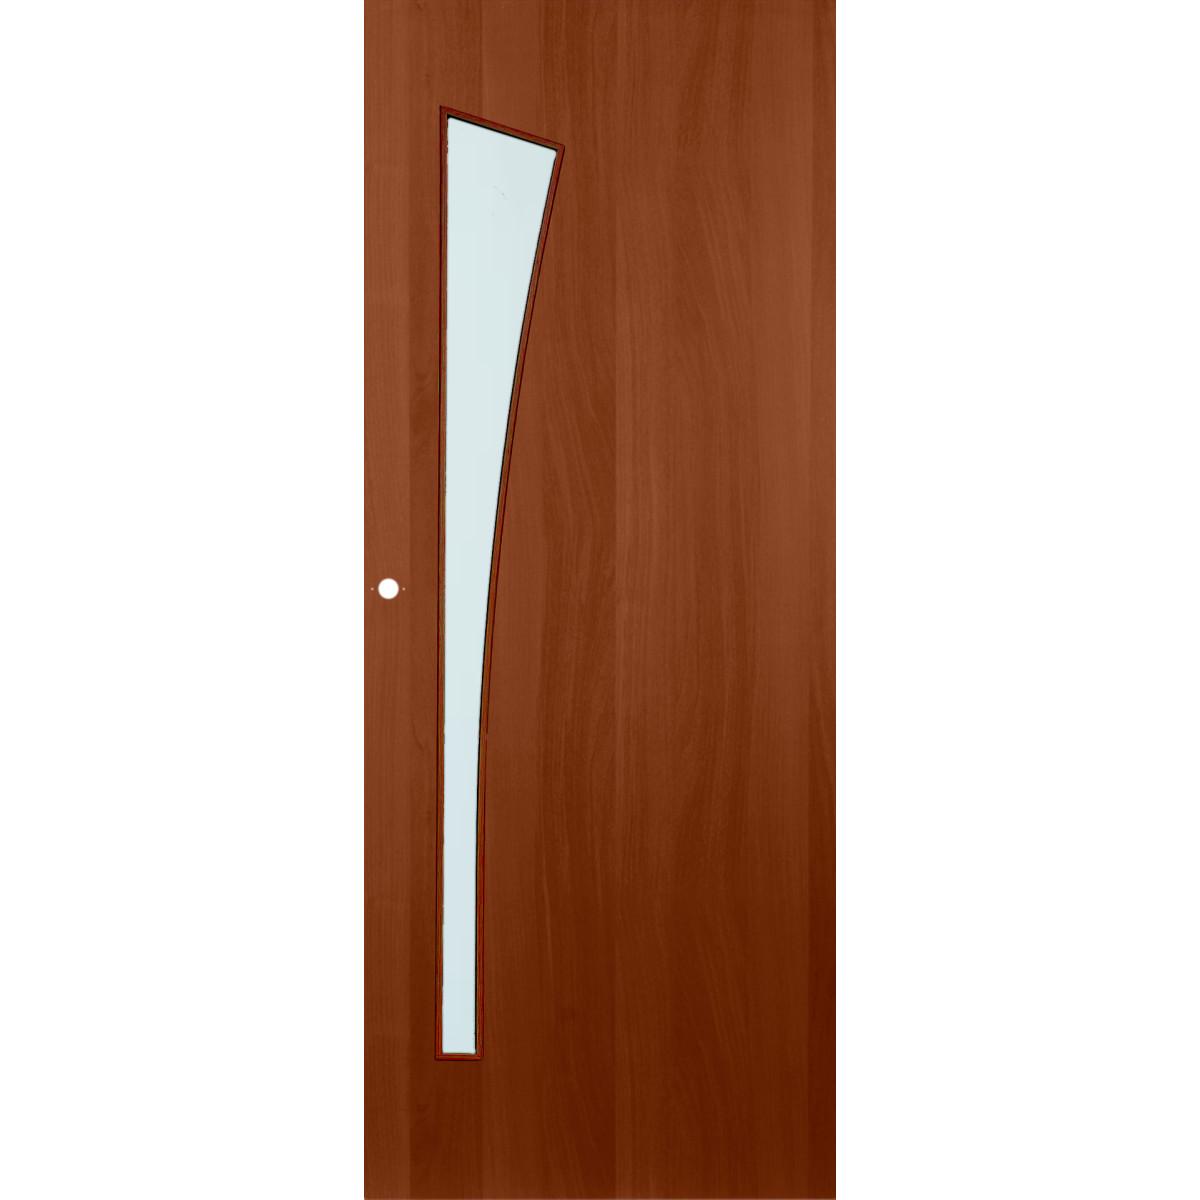 Дверь Межкомнатная Остеклённая Белеза 60x200 Цвет Итальянский Орех